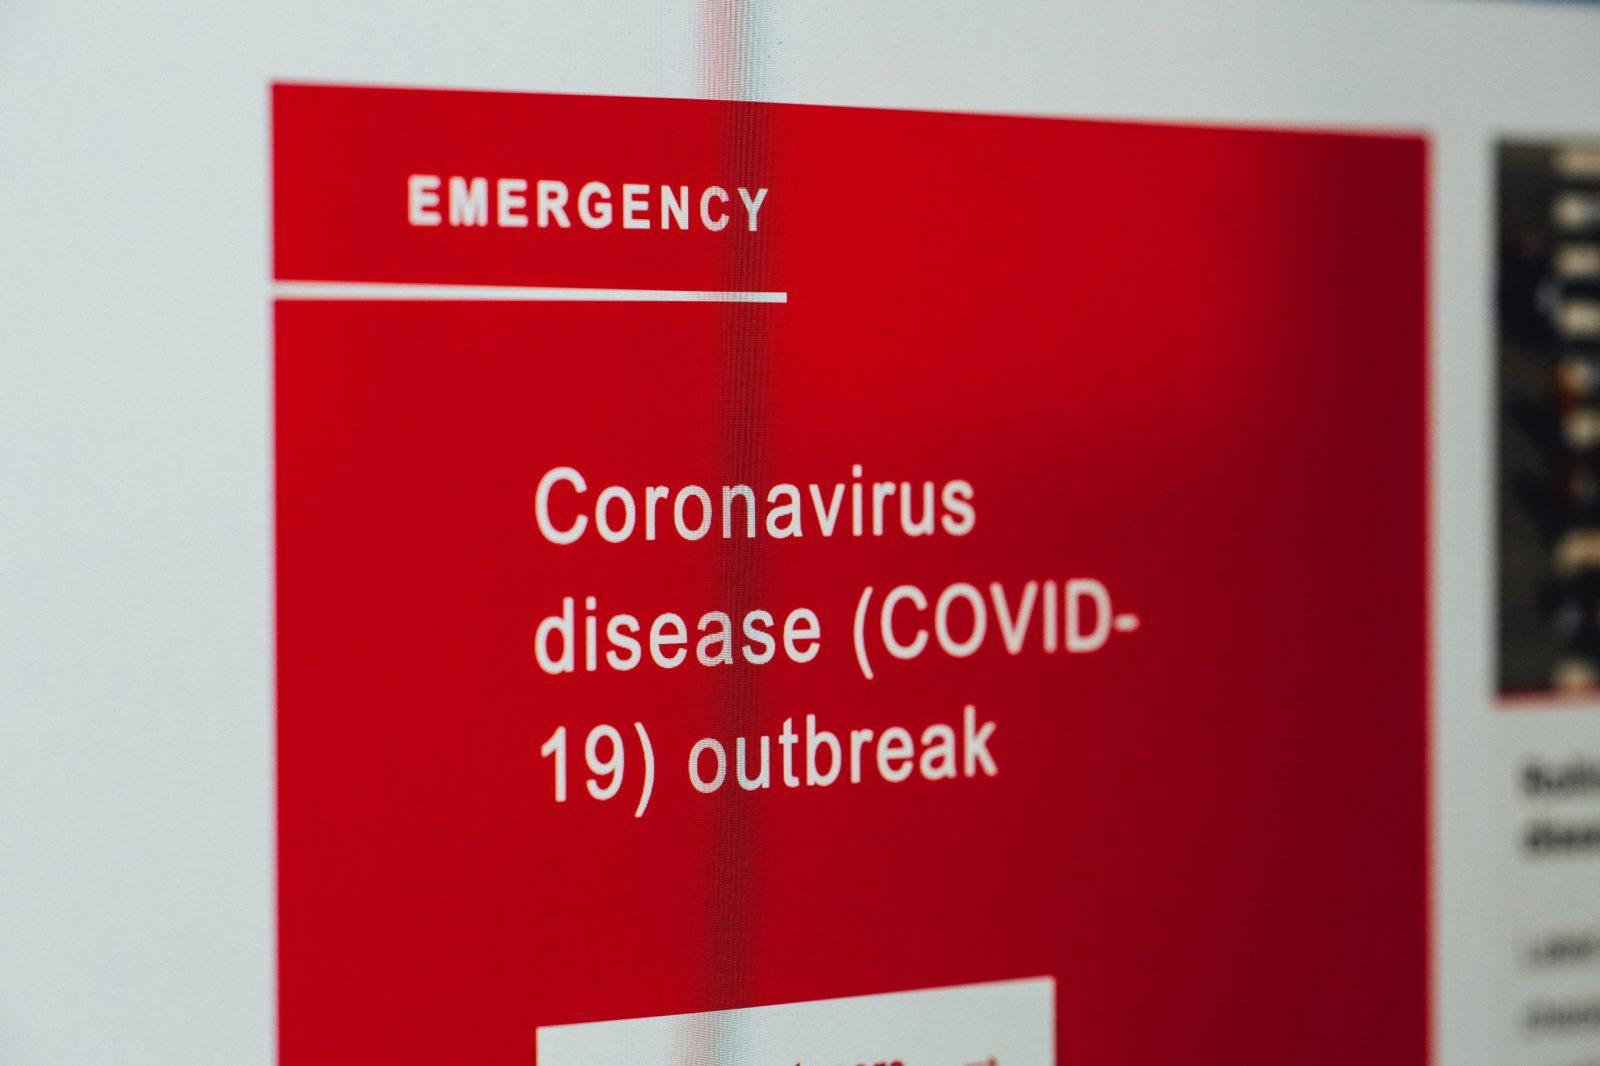 covid-19 emergency